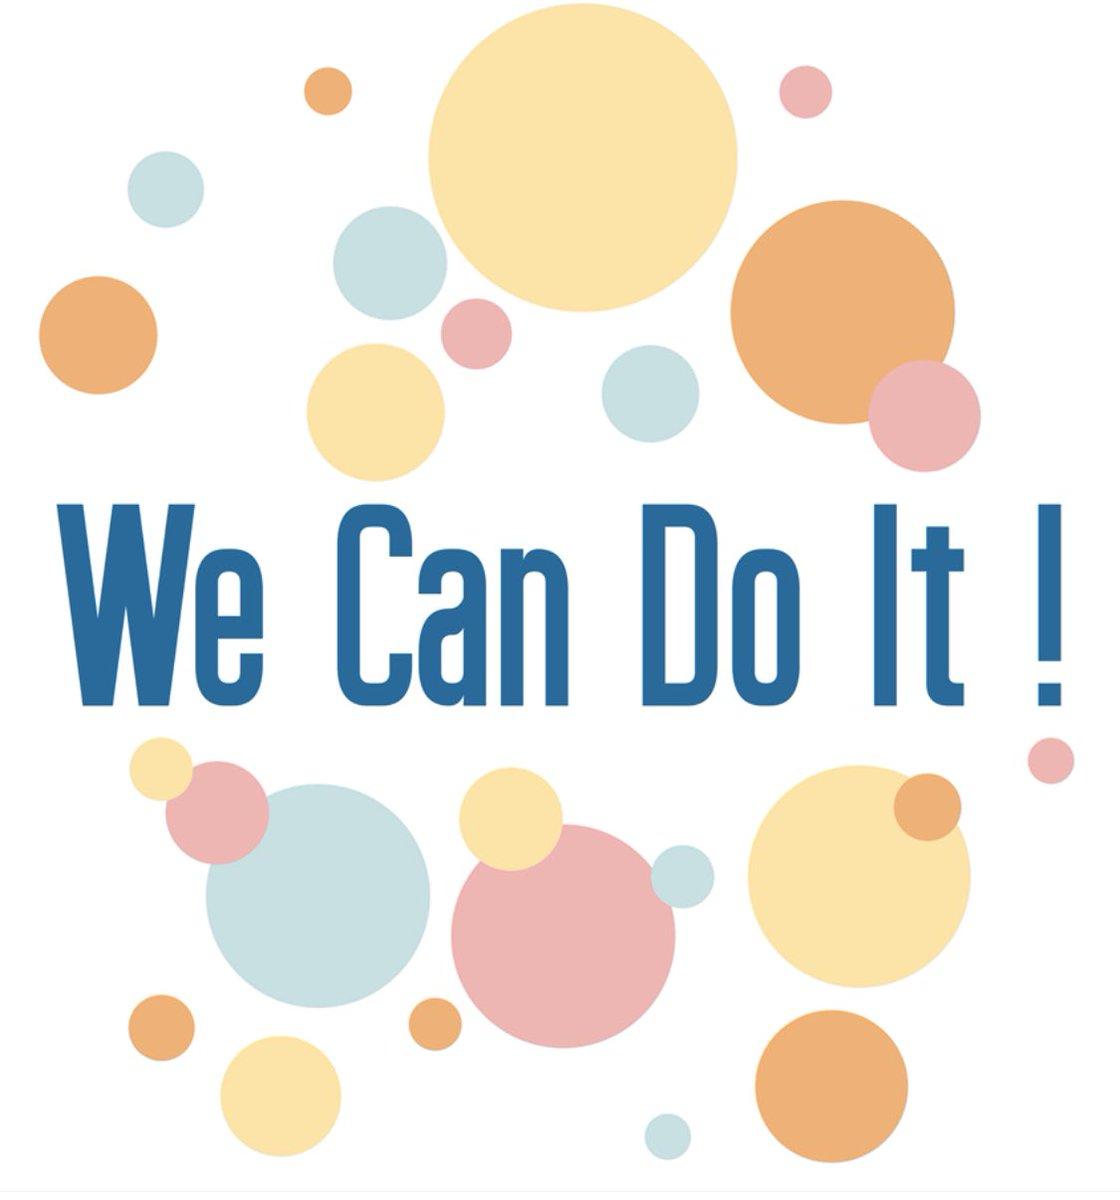 다같이 힘내요! 우린 이길수 있어요! Ayo kita semangat bersama! Kita pasti bisa menang! Hang in there everyone! We can beat this! みんなで頑張りましょう!僕らは勝てます! 大家一起加油! 我们能赢!  ¡Vamos! ¡Ánimo todos! ¡Lo podemos vencer juntos! https://t.co/l5XorUCYWq